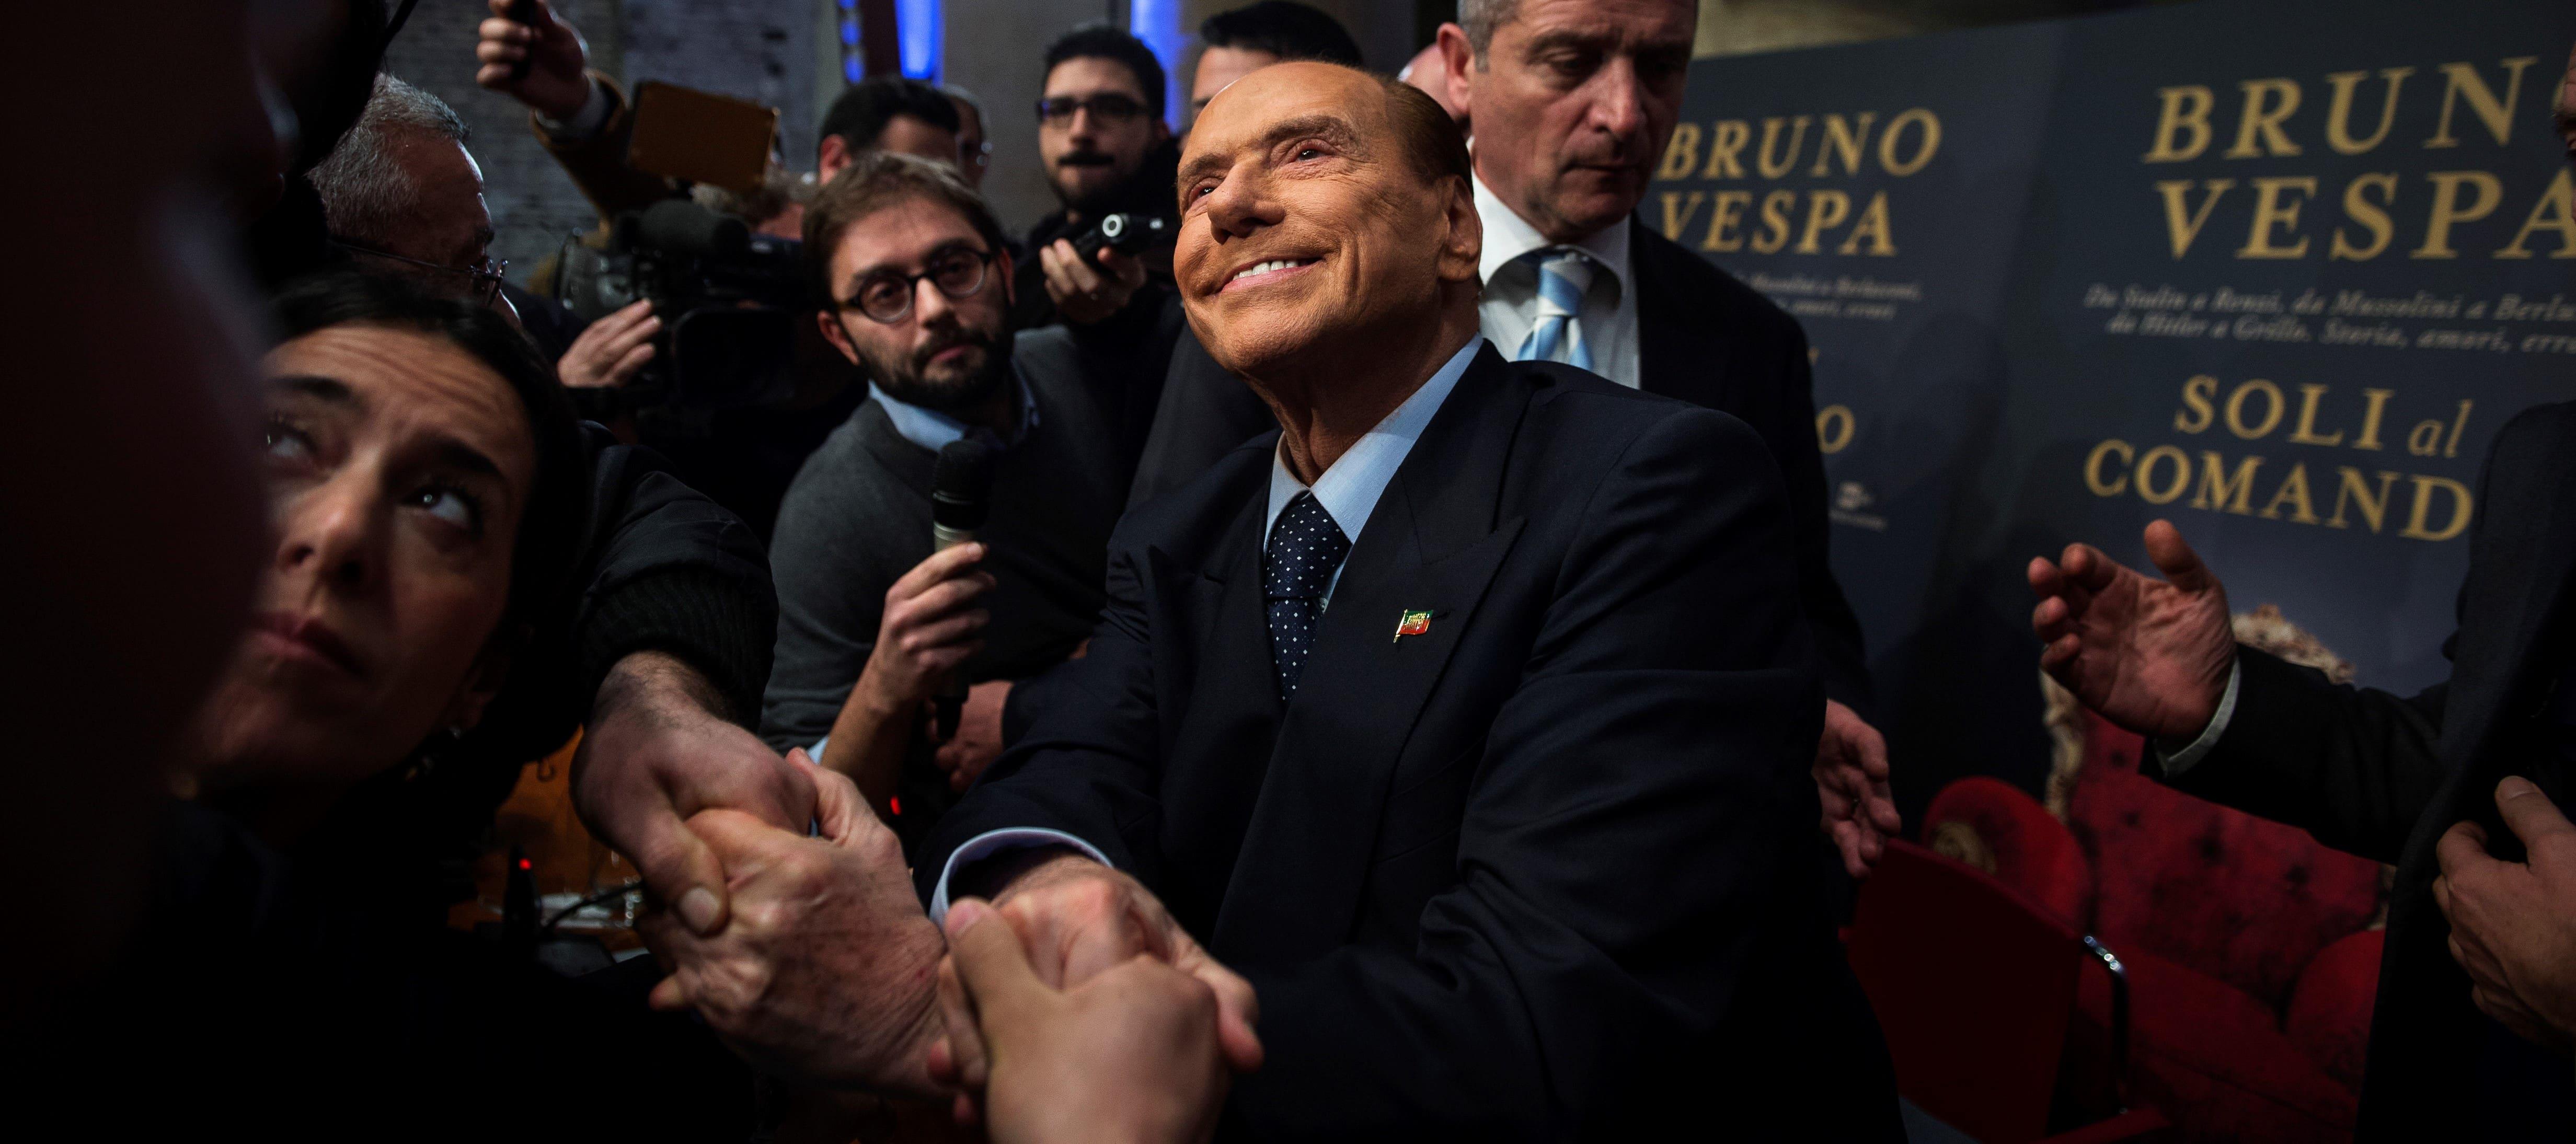 Forza Italia leader Silvio Berlusconi, December 2017 (Photo: Antonio Masiello/Getty Images)